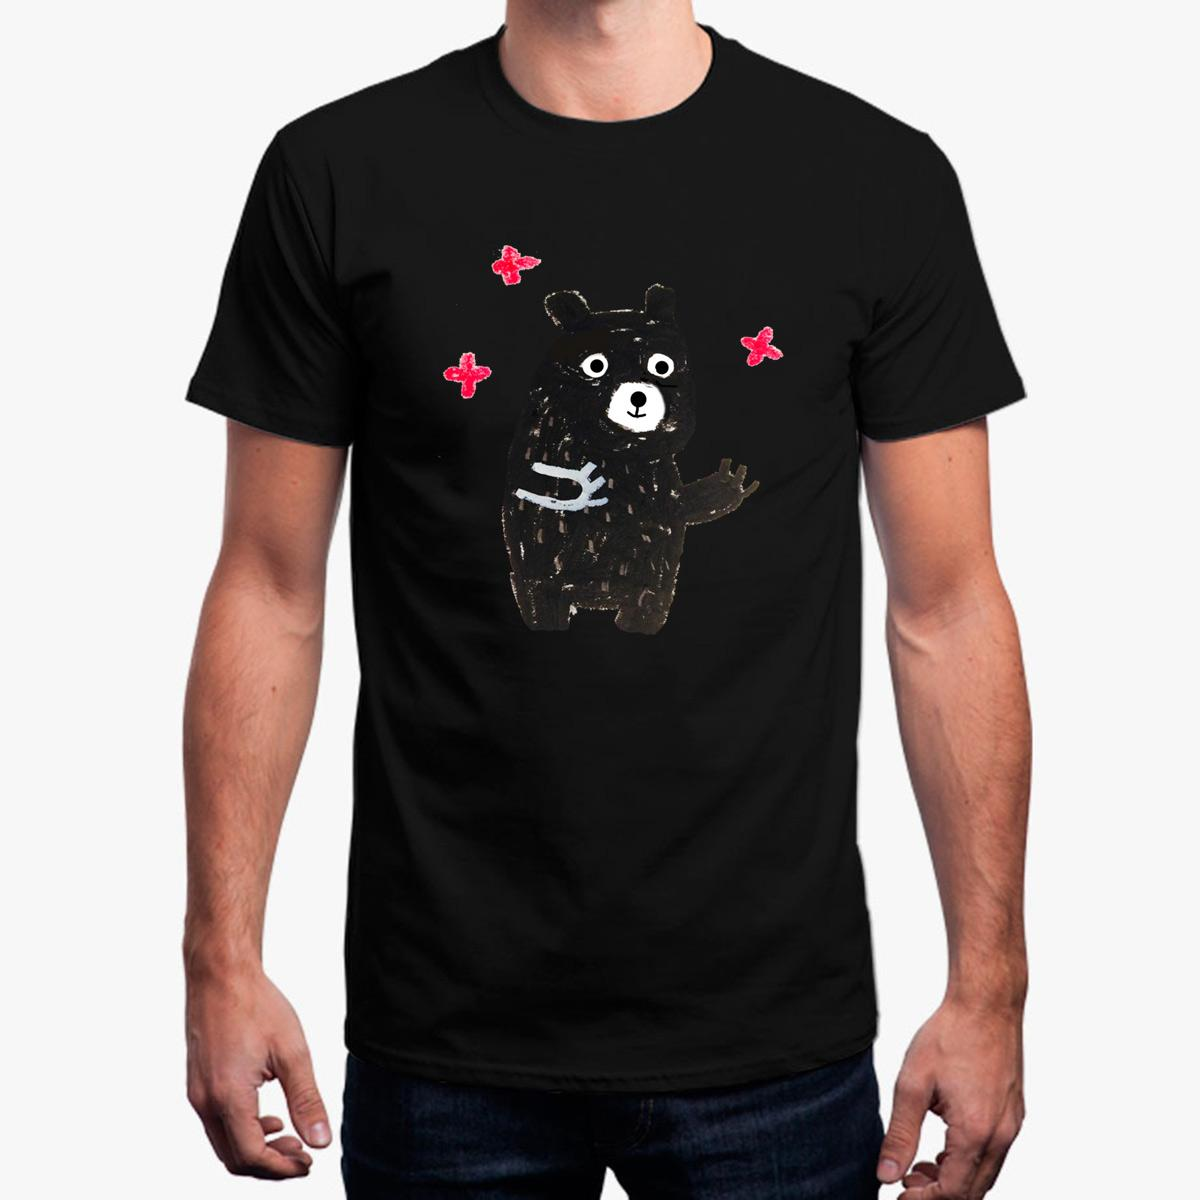 Das T-Shirt der lustigen beiläufigen Männer Cute Bear T-Shirt Kleidung Baumwolle Fitness 2018 Homme Herren T-Shirt Mens Plus Größe 3xl Hip Hop